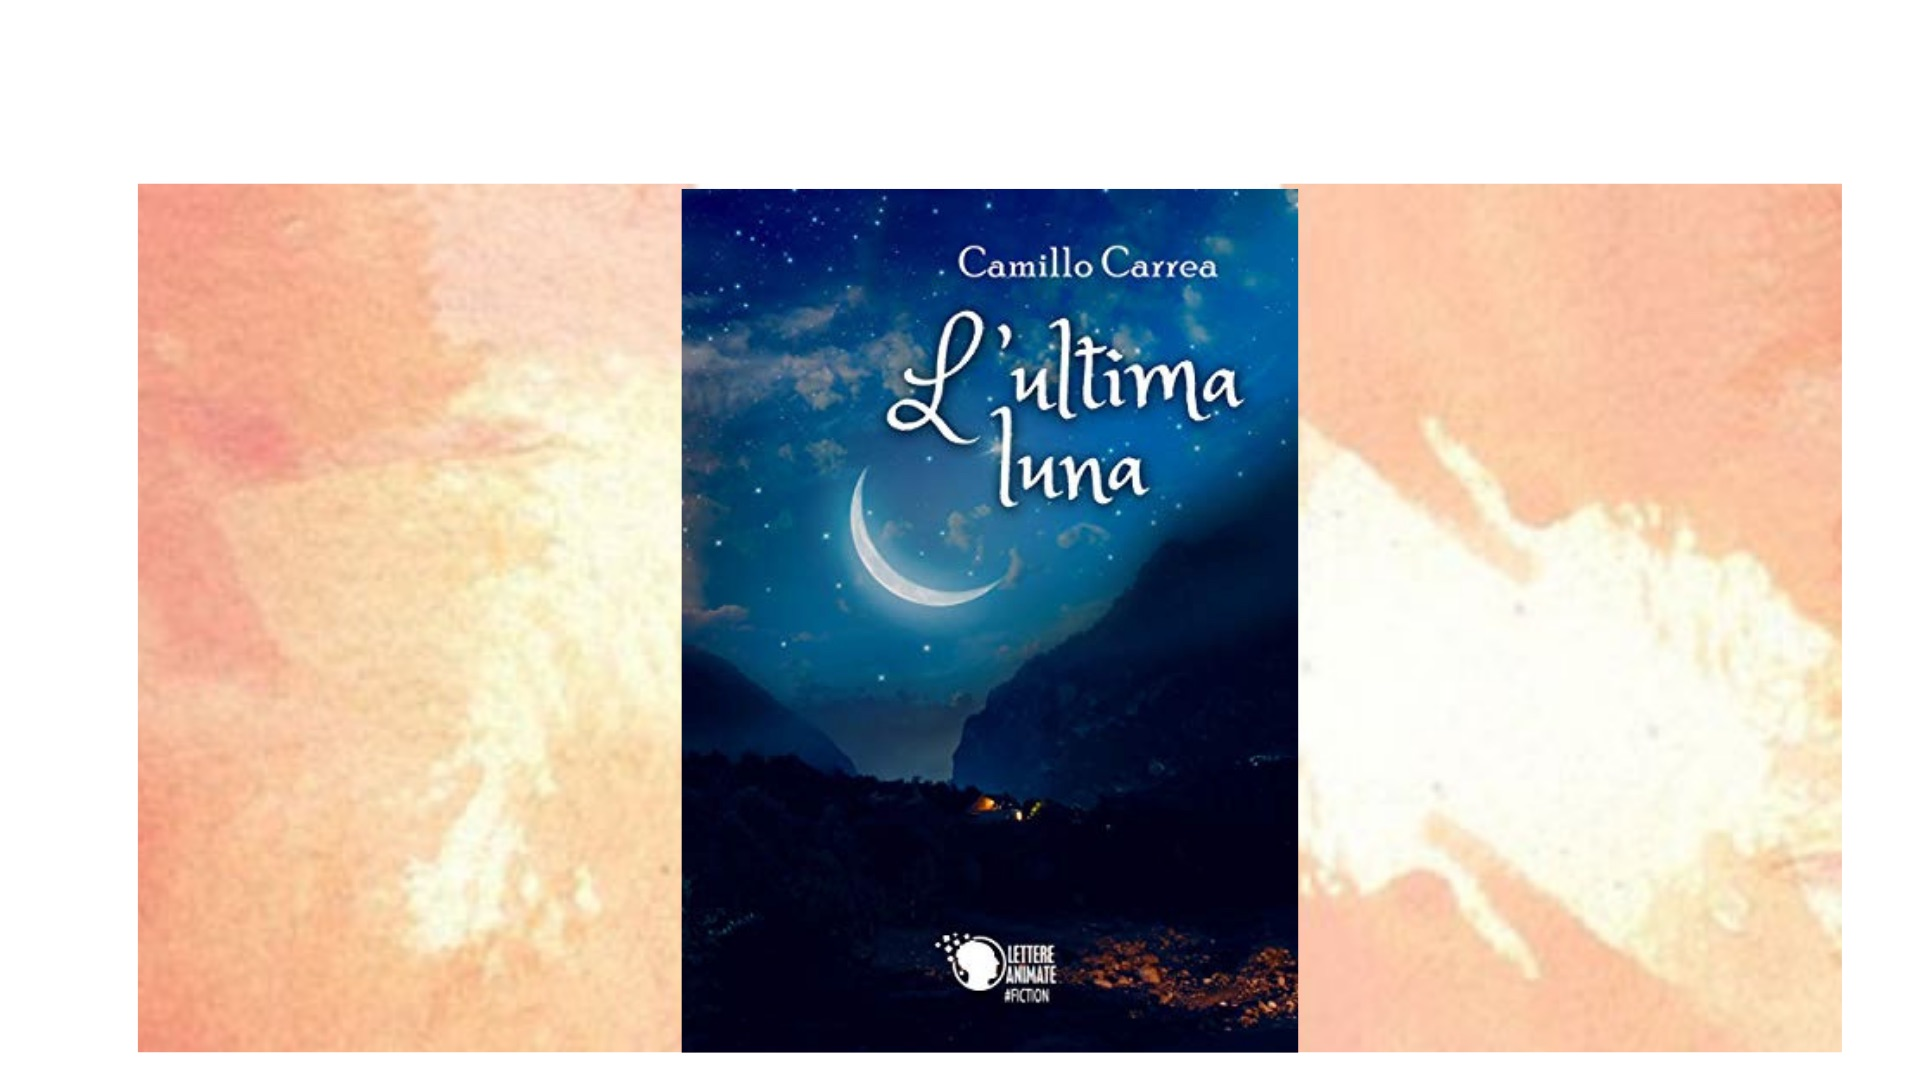 Recensione di Dalida Lorenzi: L'ultima luna, di Camillo Carrea